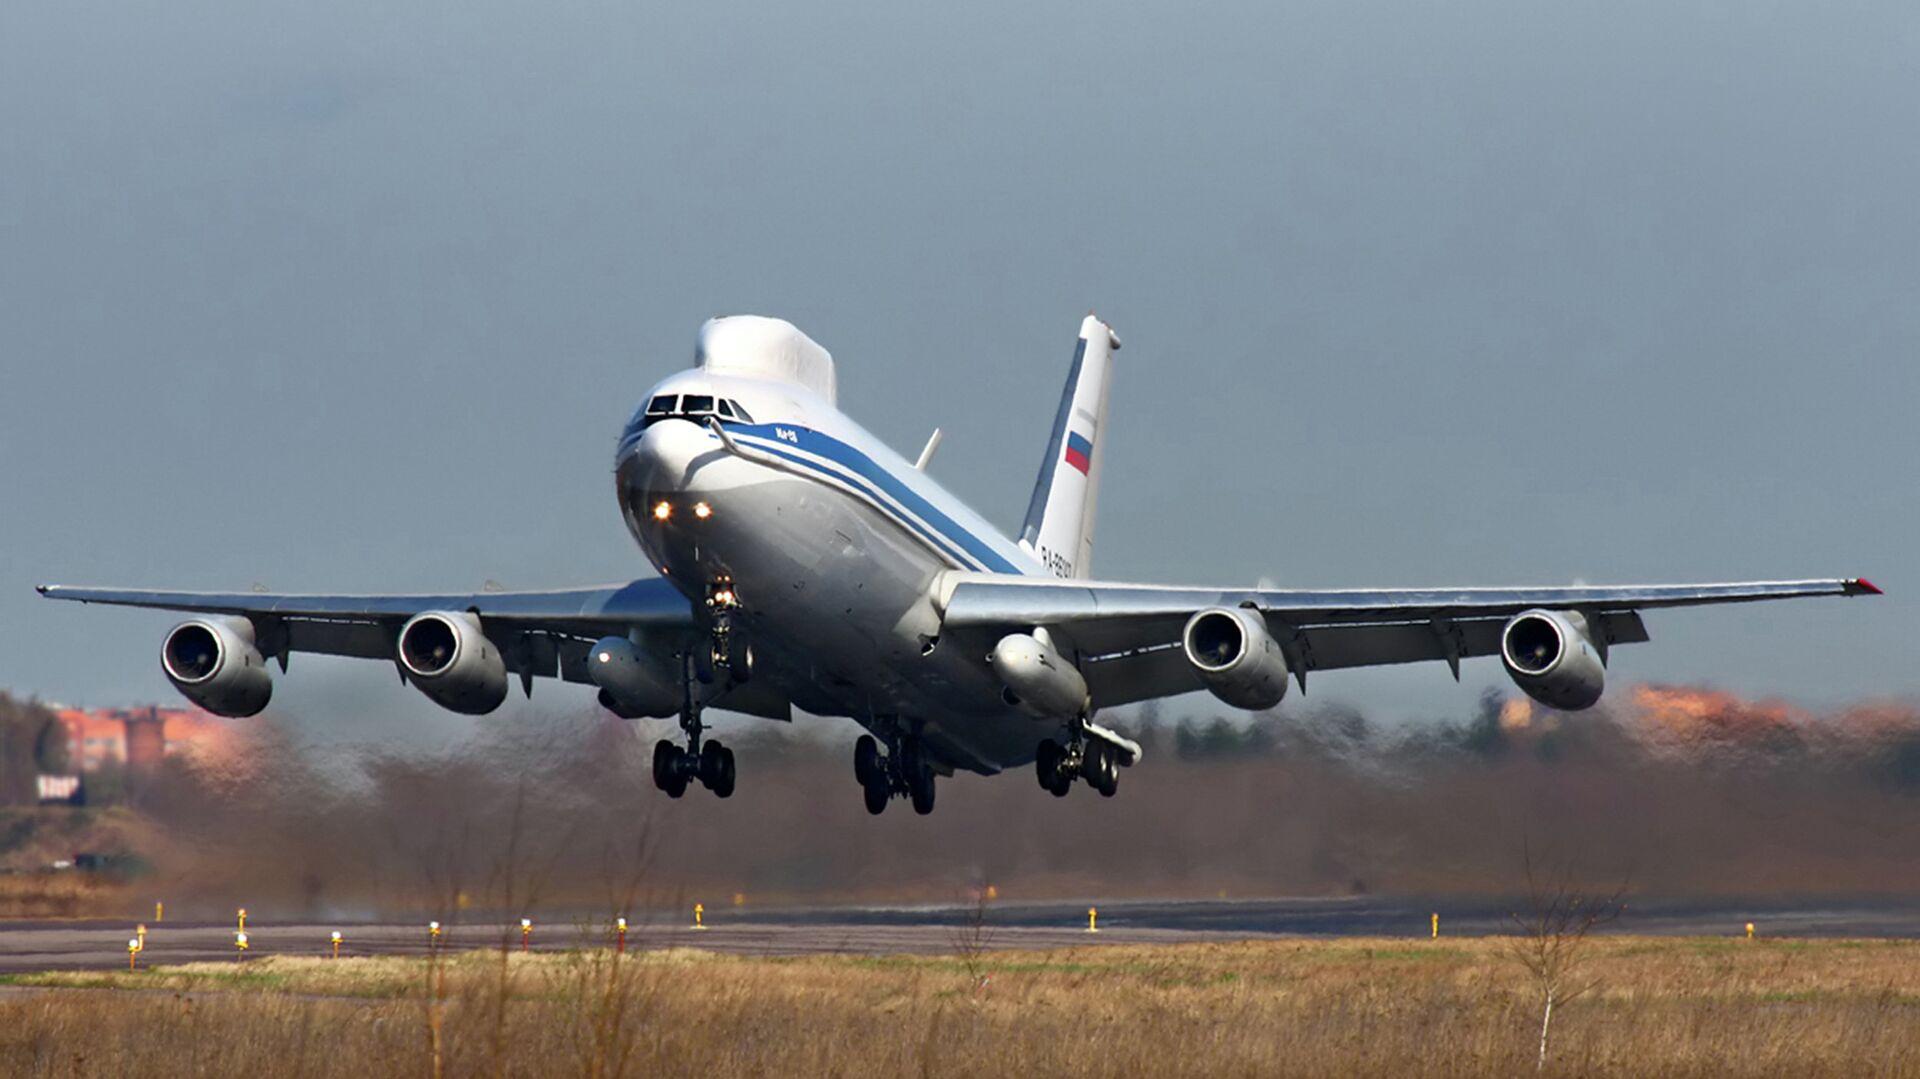 Самолет Ил-80 - РИА Новости, 1920, 19.01.2021